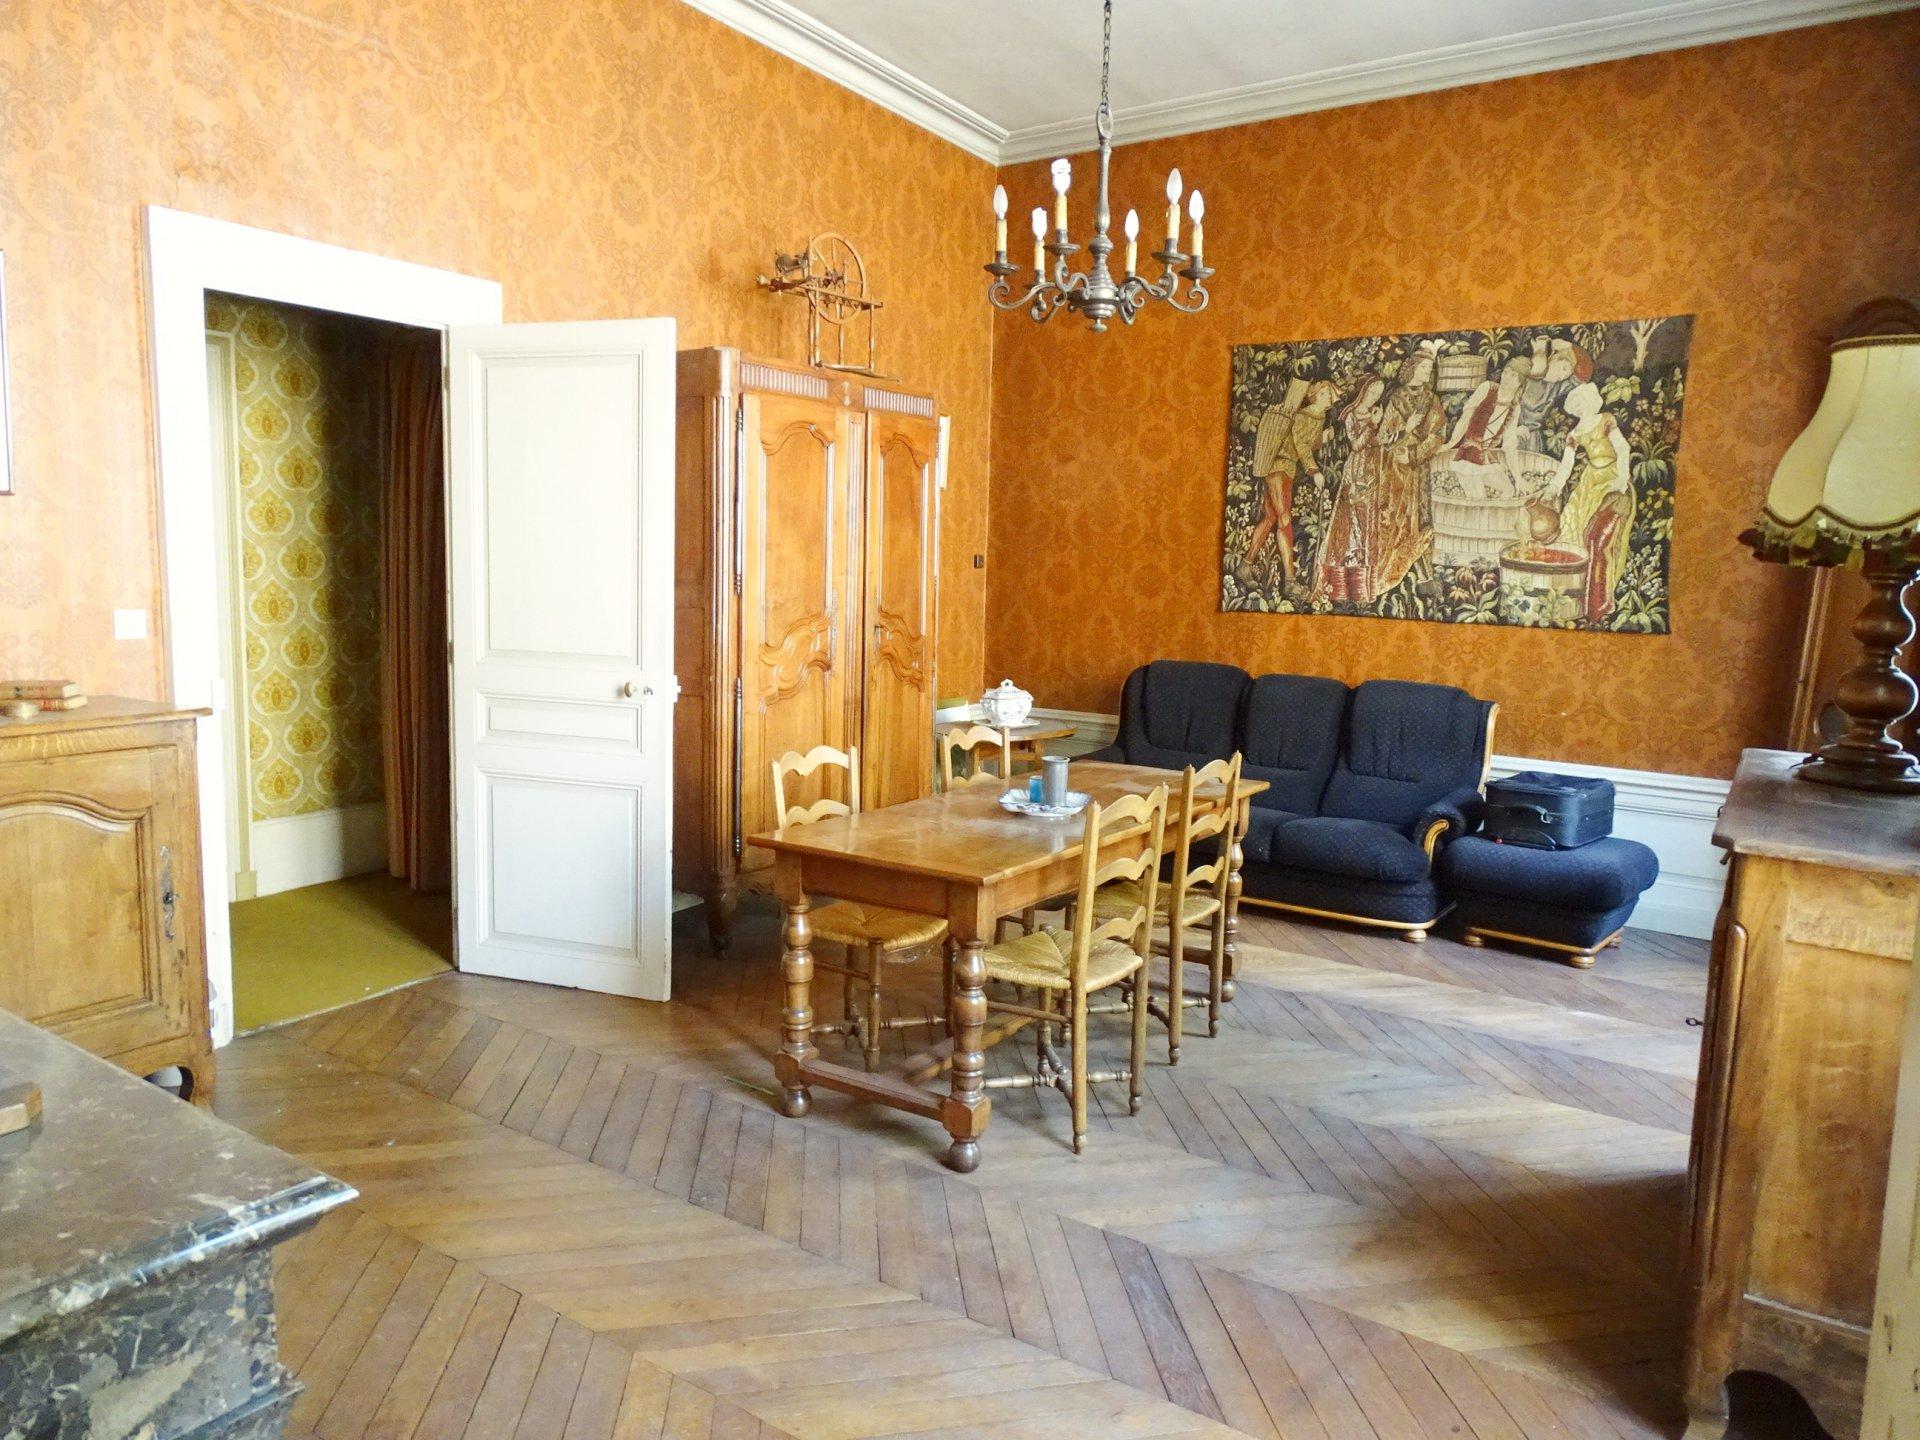 Mâcon, à deux pas de la gare, dans un bel immeuble en pierre, venez découvrir cet appartement de caractère avec ses hauts plafonds, ses moulures, ses cheminées, et ses authentiques parquets en chêne. D'une surface habitable de 115 m², il se compose d'une salle à manger, d'un salon, d'une cuisine, de deux chambres, d'une salle de bains, et d'un toilette. Vous profiterez également d'un agréable jardin privatif. Caves et Greniers complètent ce bien. Bien soumis au régime de la copropriété ( 6 lots  - 180 euros de charges/mois comprenant le chauffage). Honoraires à la charge du vendeur.